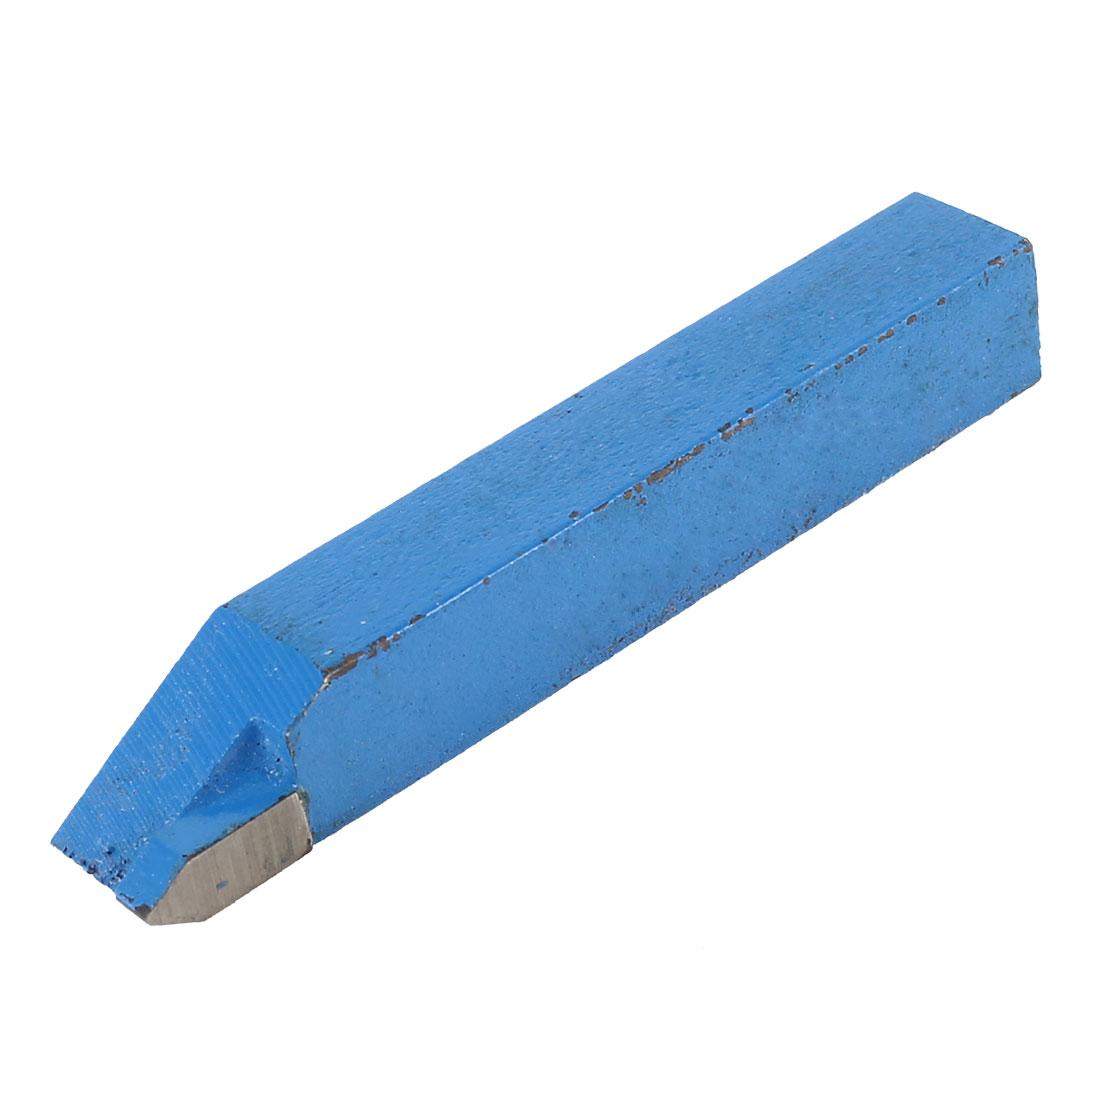 10mm x 5mm Cutting Cutter External Turning Tool Holder Blue